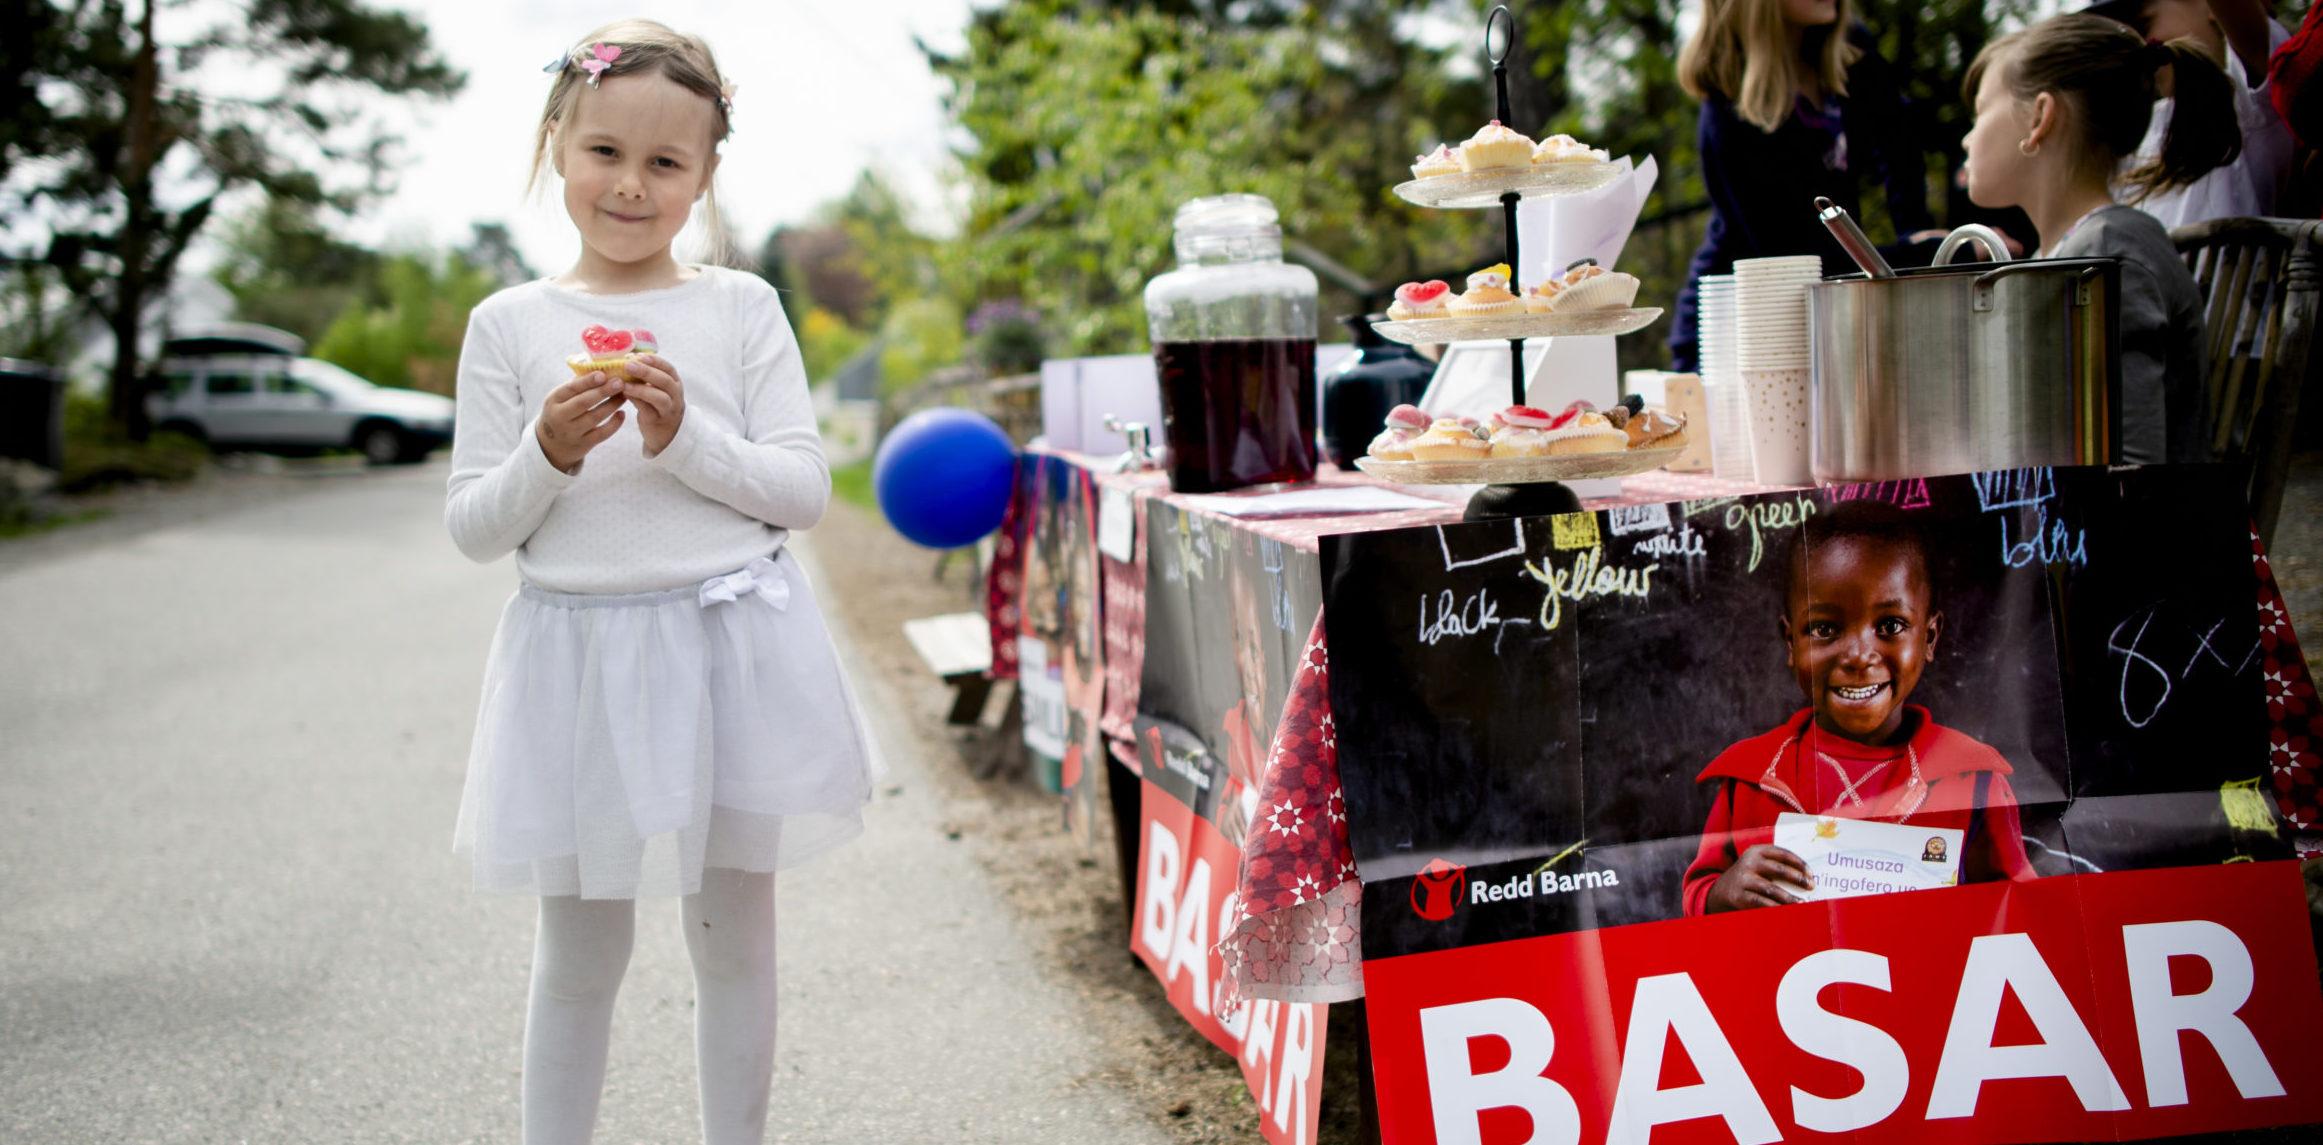 NO:Barn selger popcorn, muffins, kort, saft og kaffe til inntekt for Redd Barna.